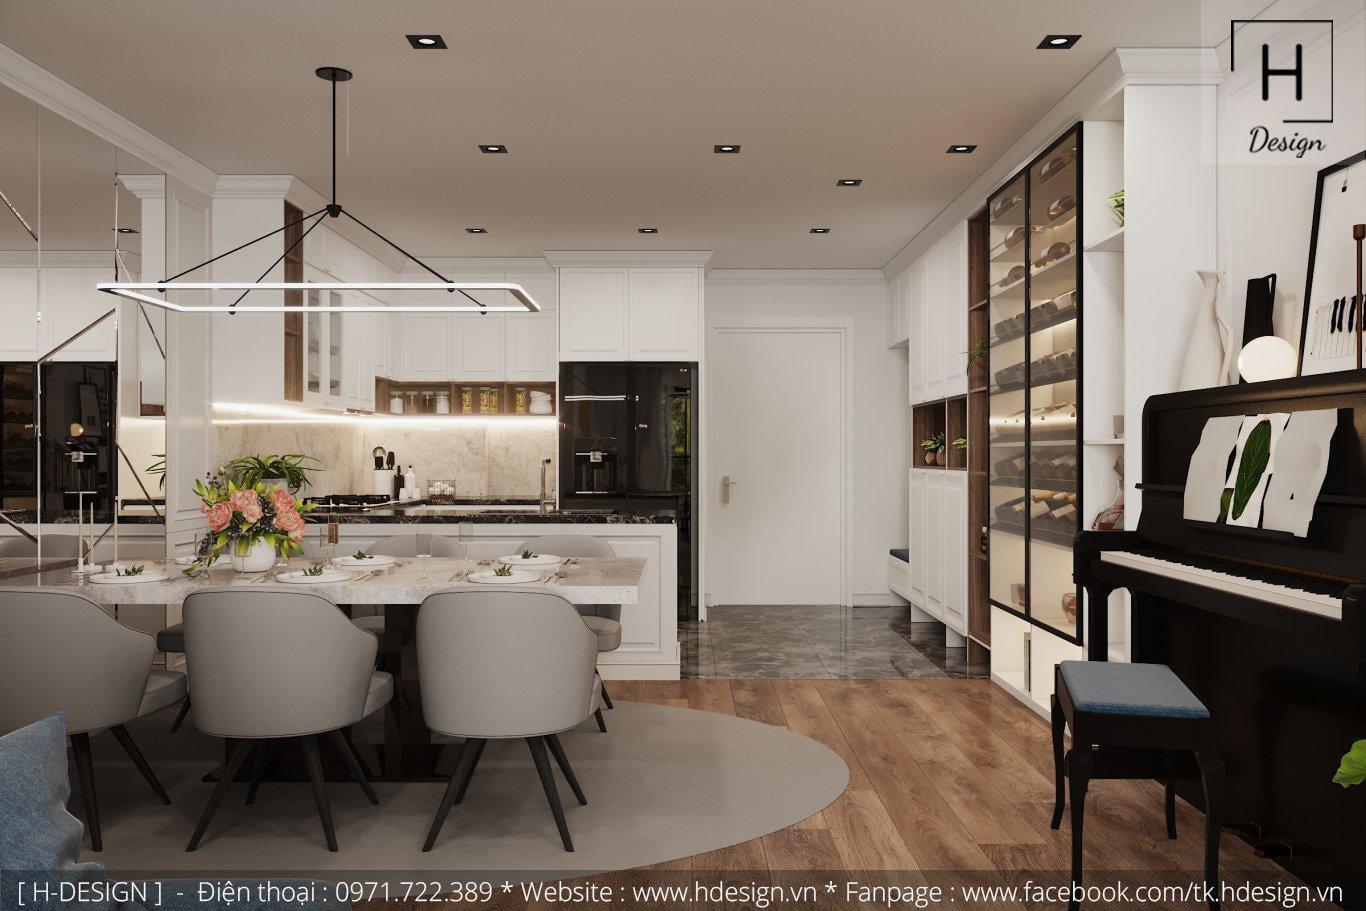 Thiết kế thi công nội thất đẹp cho căn hộ chung cư 86m2 -04